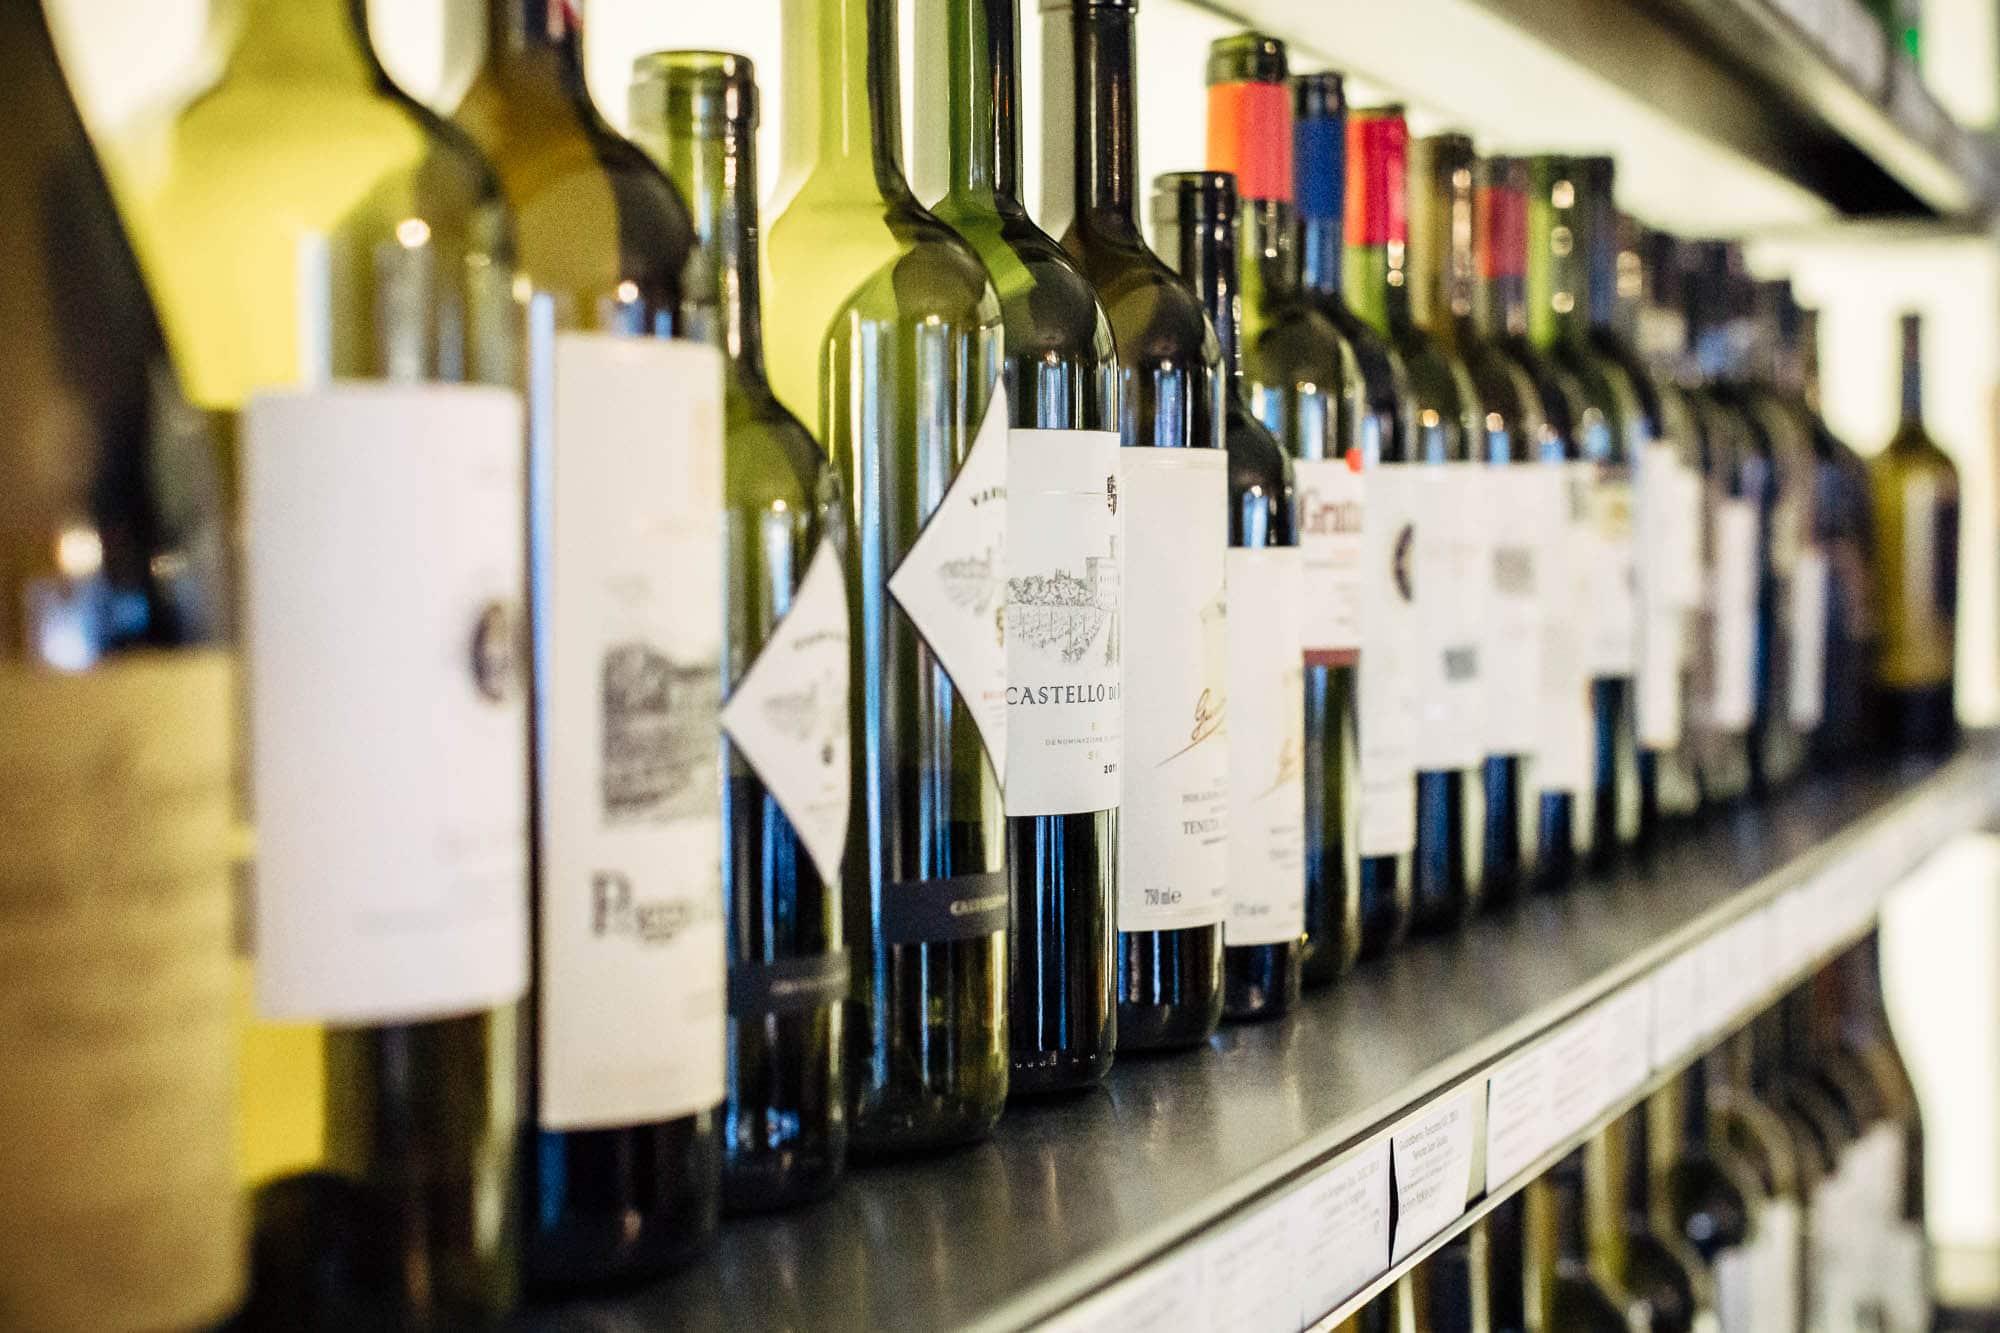 Weinflaschen aneinander gereiht im Felsenkeller Zug